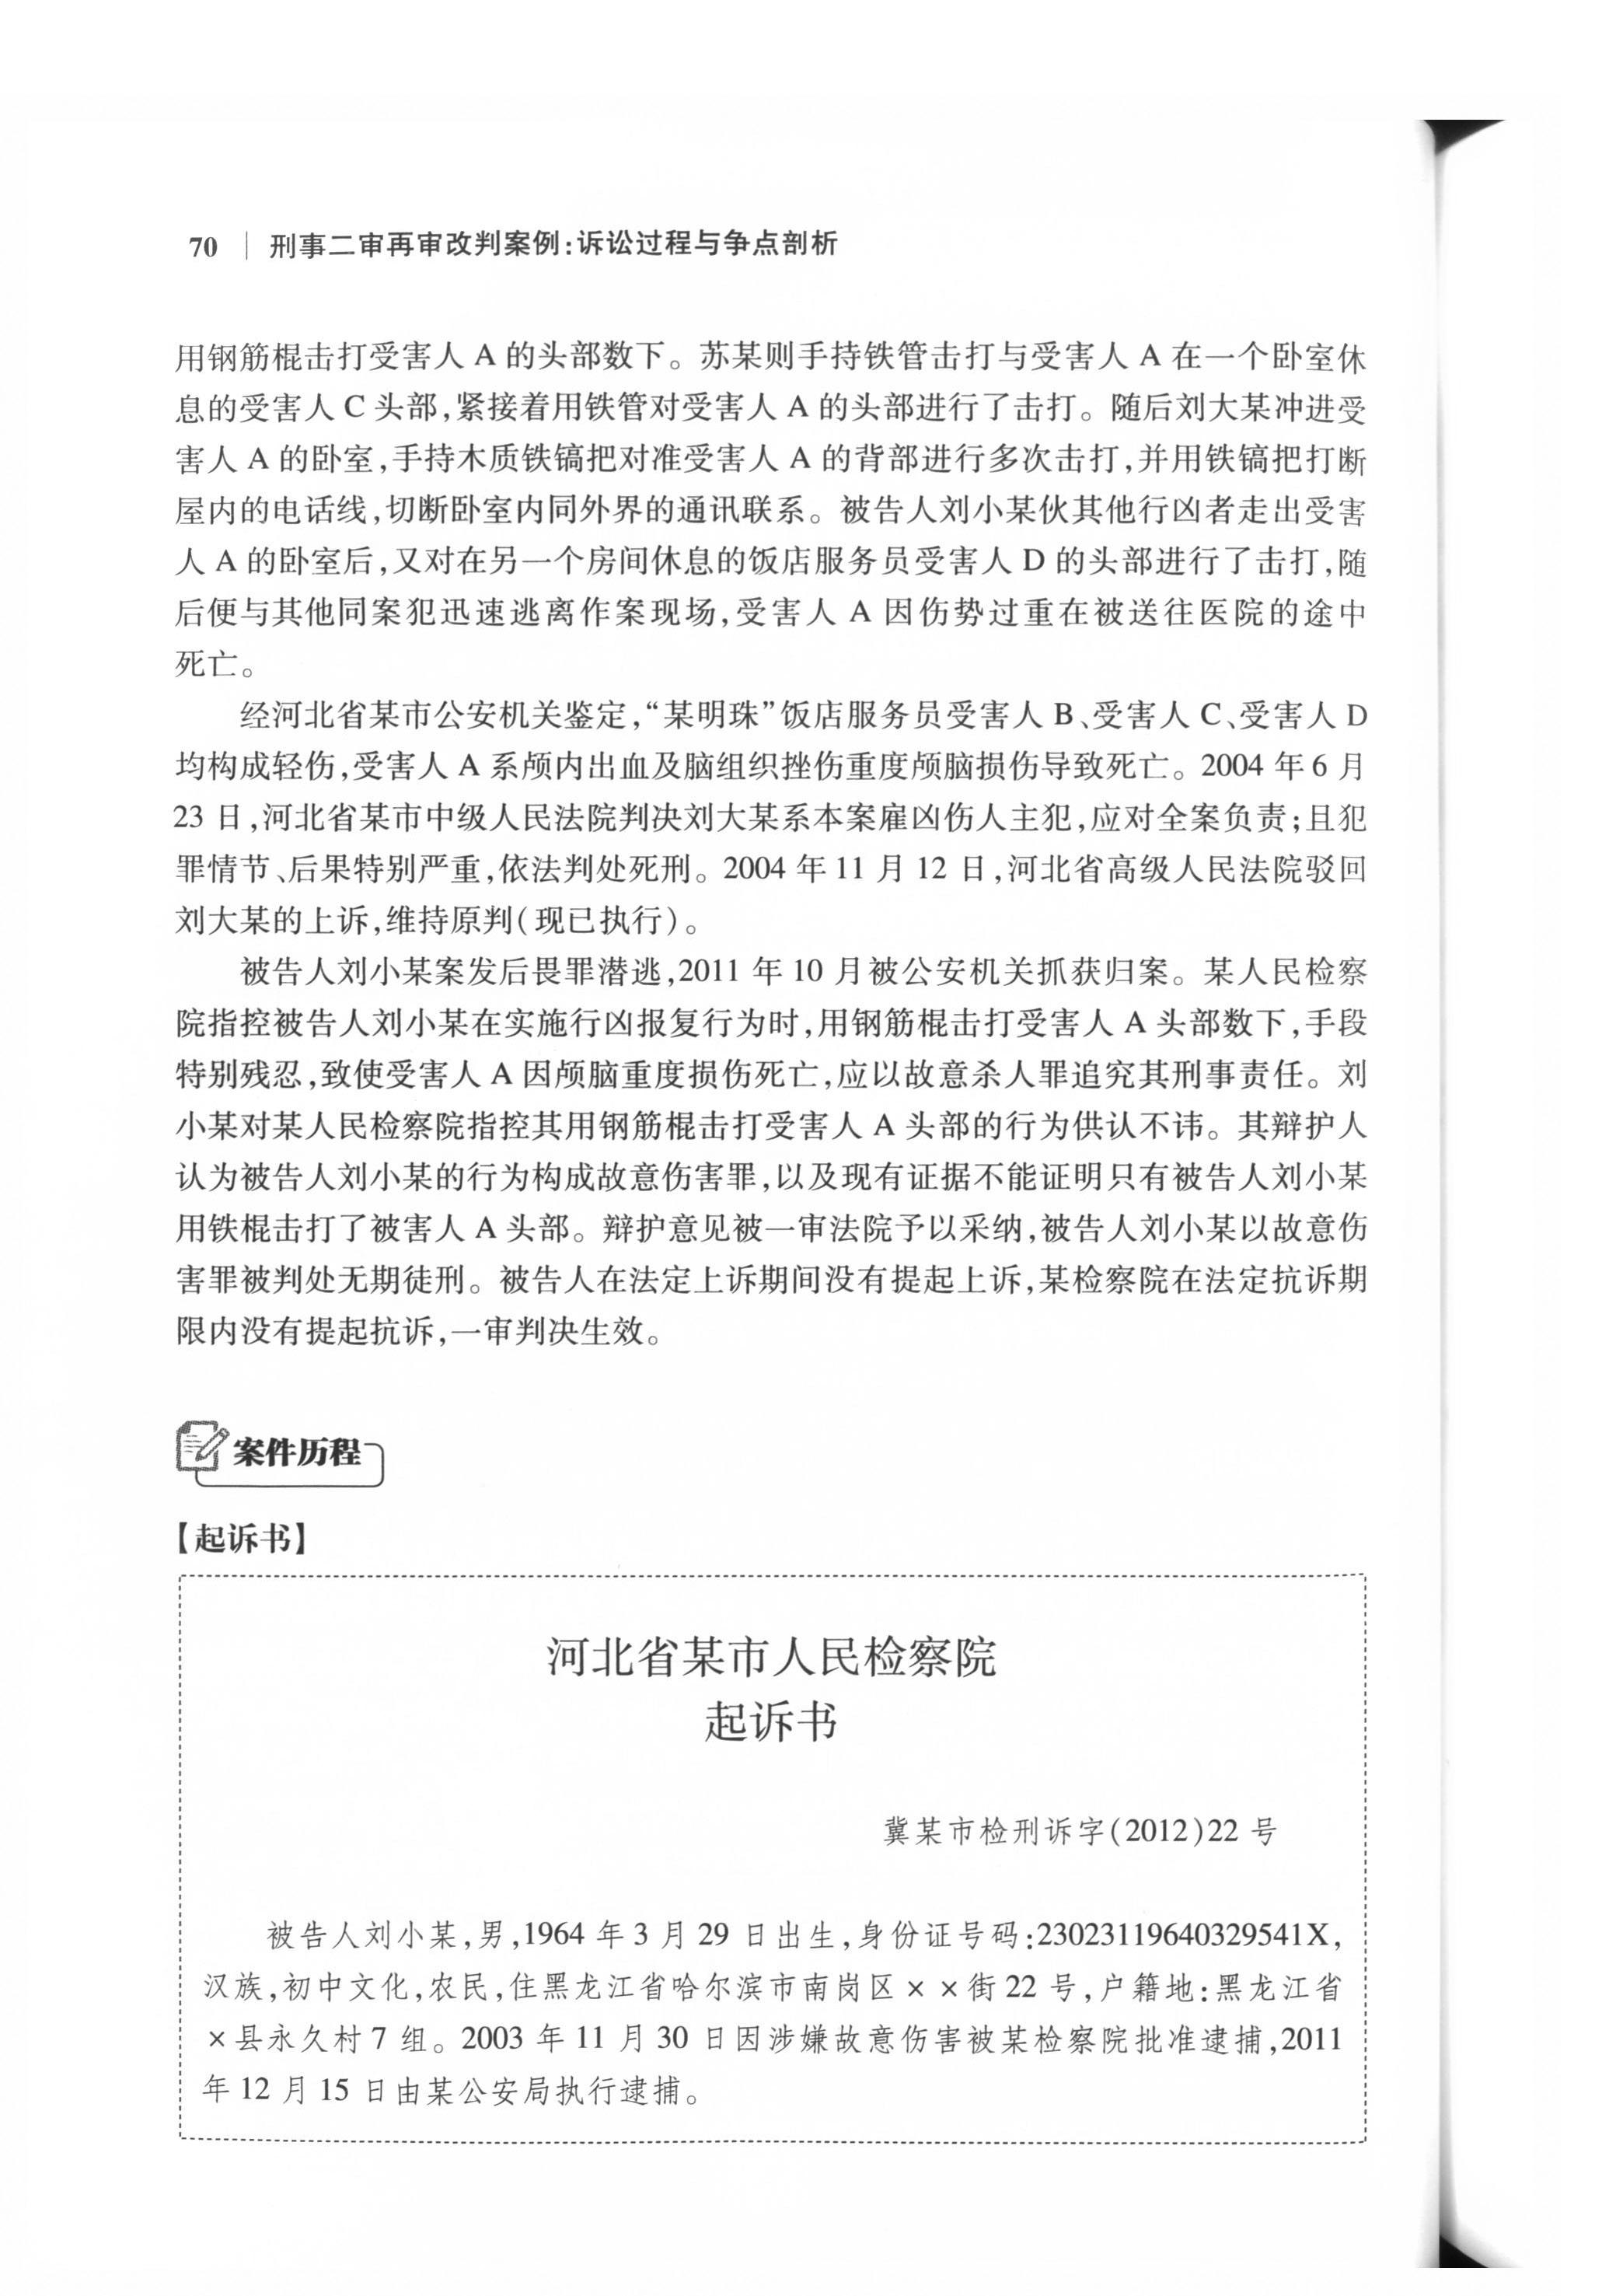 刘小某故意杀人案成功改判(图3)